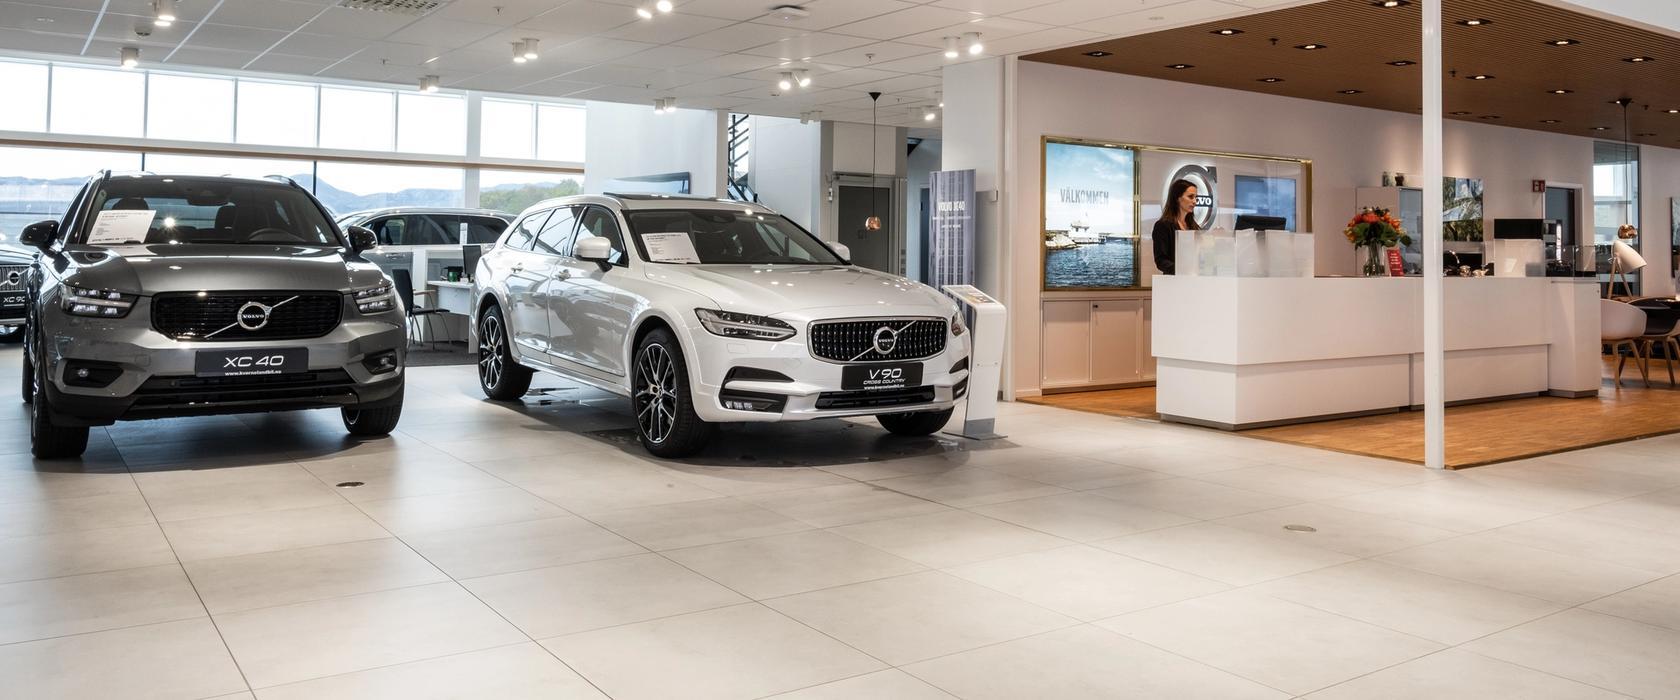 Nybilavdelingen hos Volvo Bilhuset